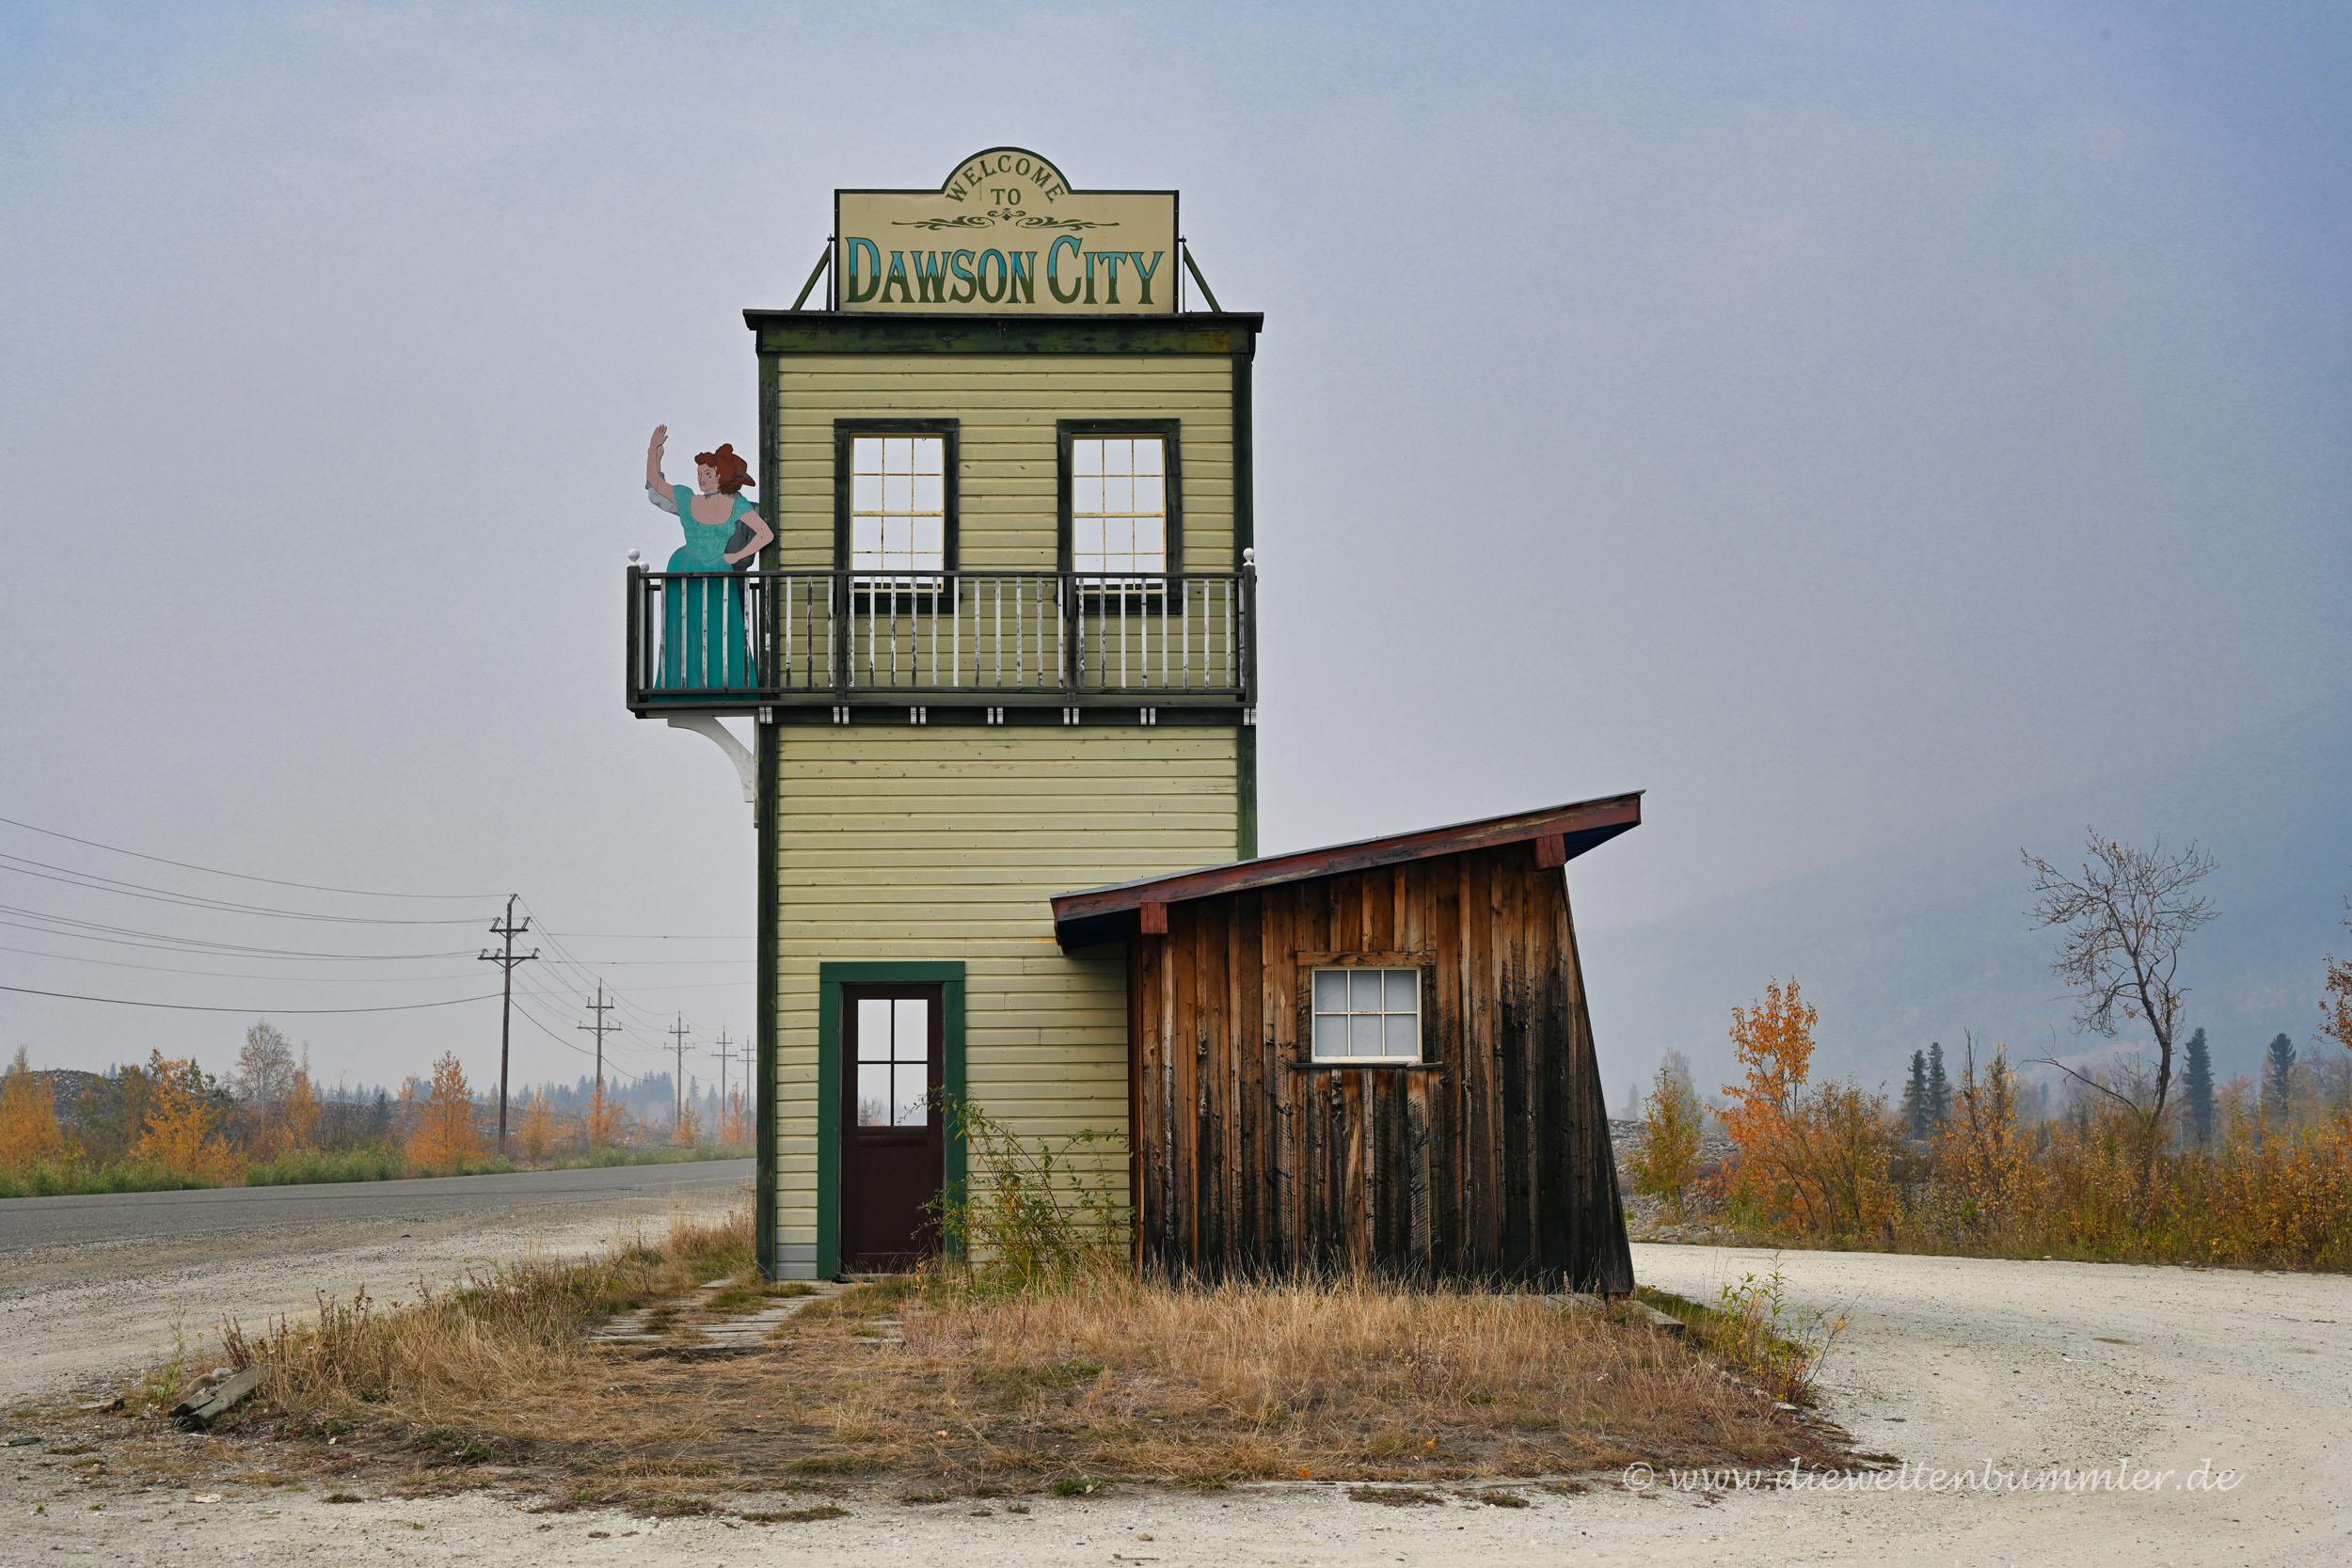 Ortseingangsschild von Dawson City